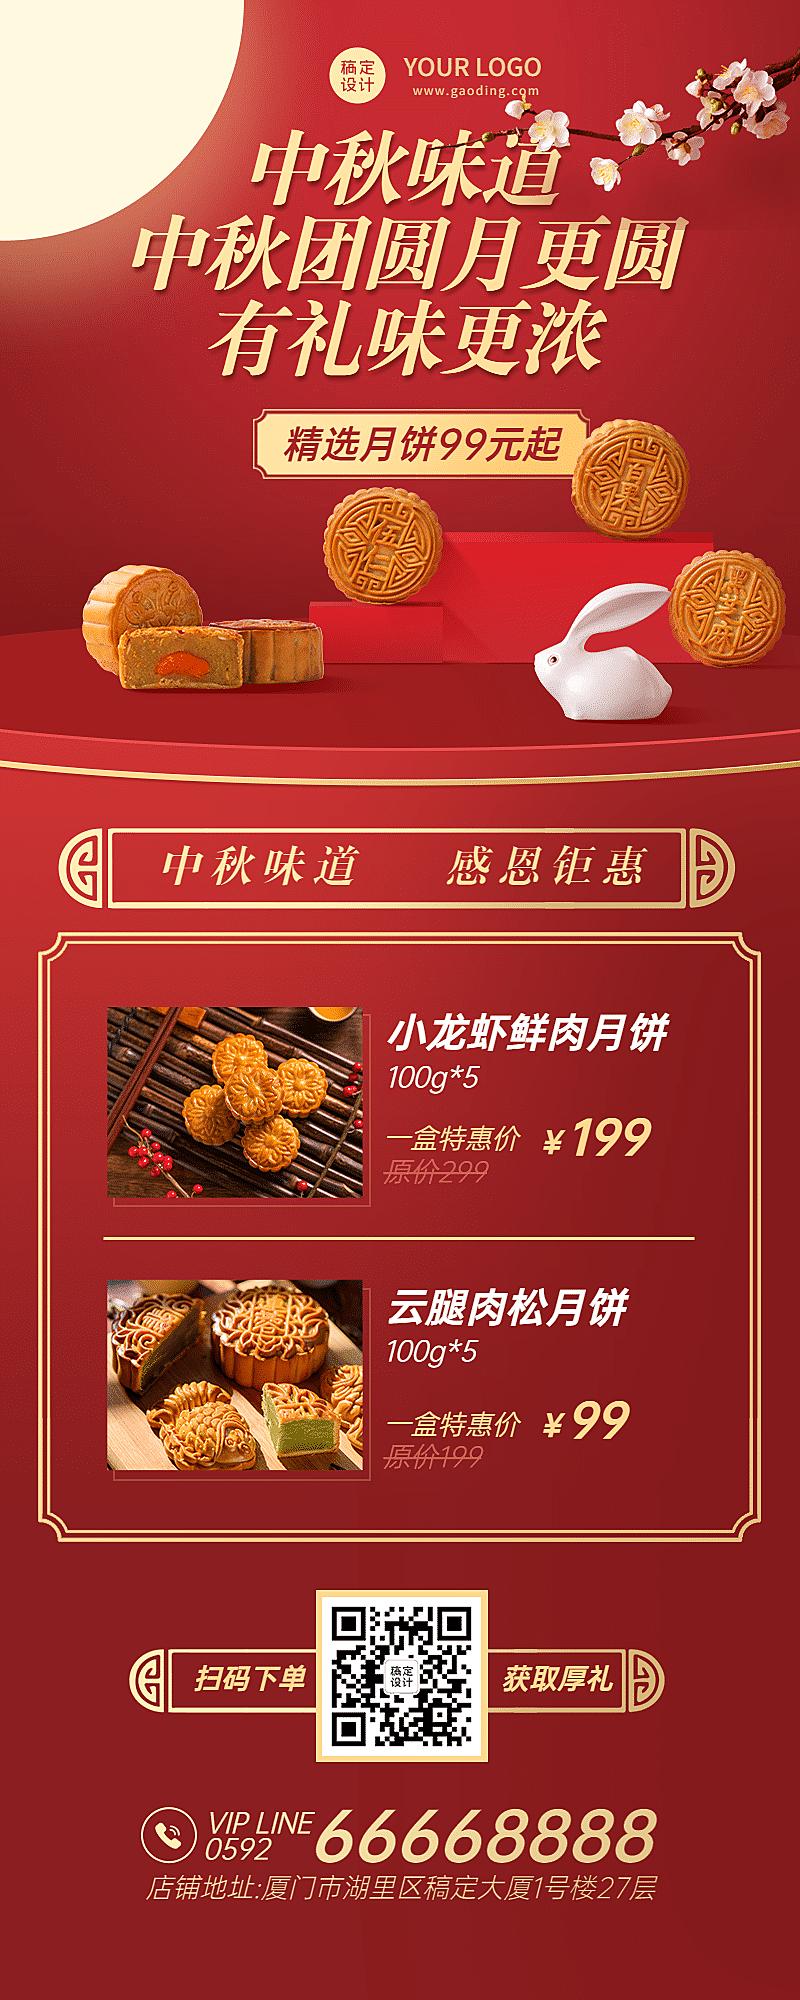 中秋节月饼促销上新餐饮长图海报